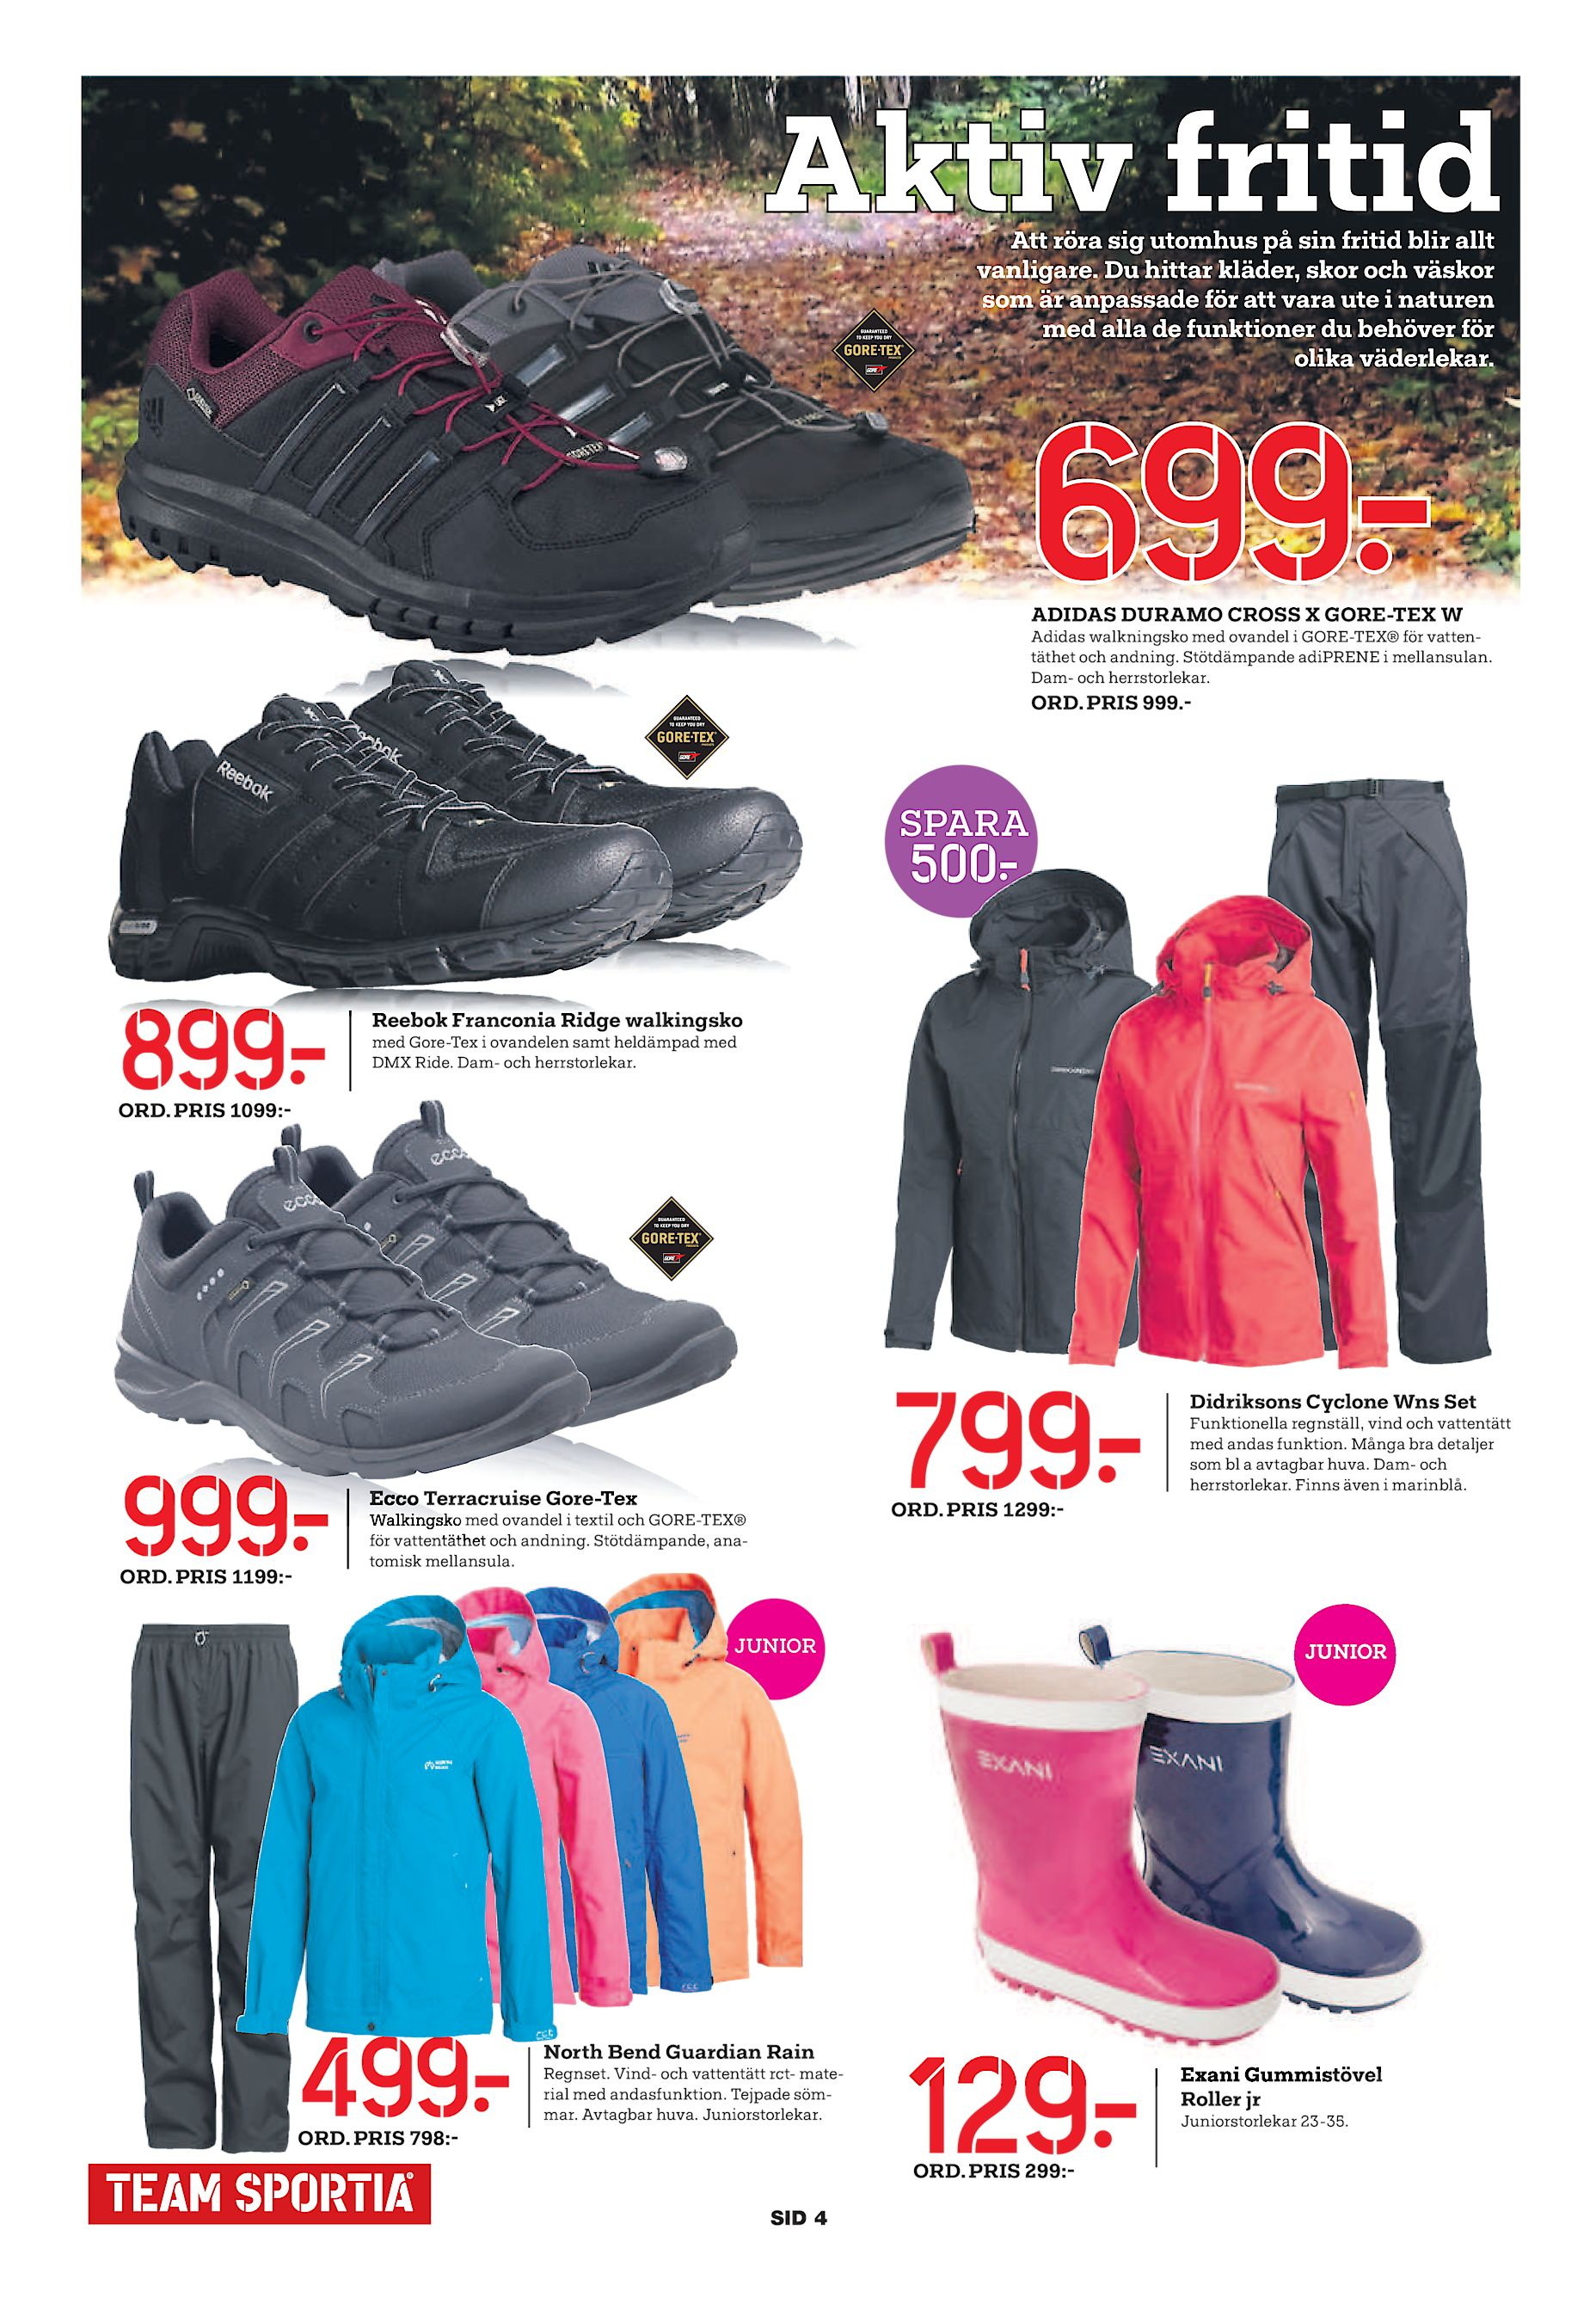 low priced a6d70 0b84f Aktiv fritid Att röra sig utomhus på sin fritid blir allt vanligare. Du  hittar kläder, skor och väskor som är anpassade för att vara ute i naturen  med alla ...